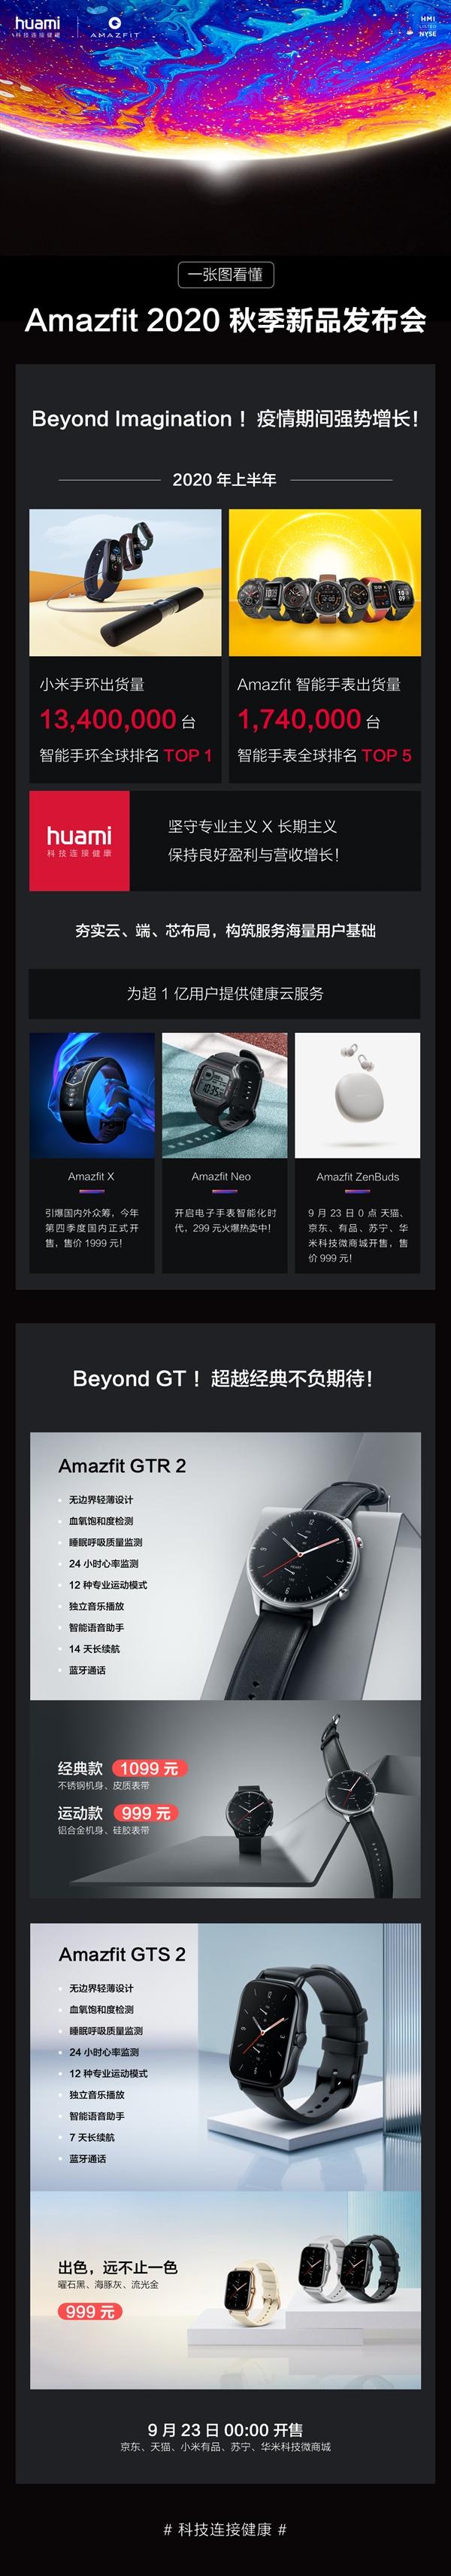 一图看懂华米Amazfit GTR 2/GTS 2:血氧检测功能超越苹果手表